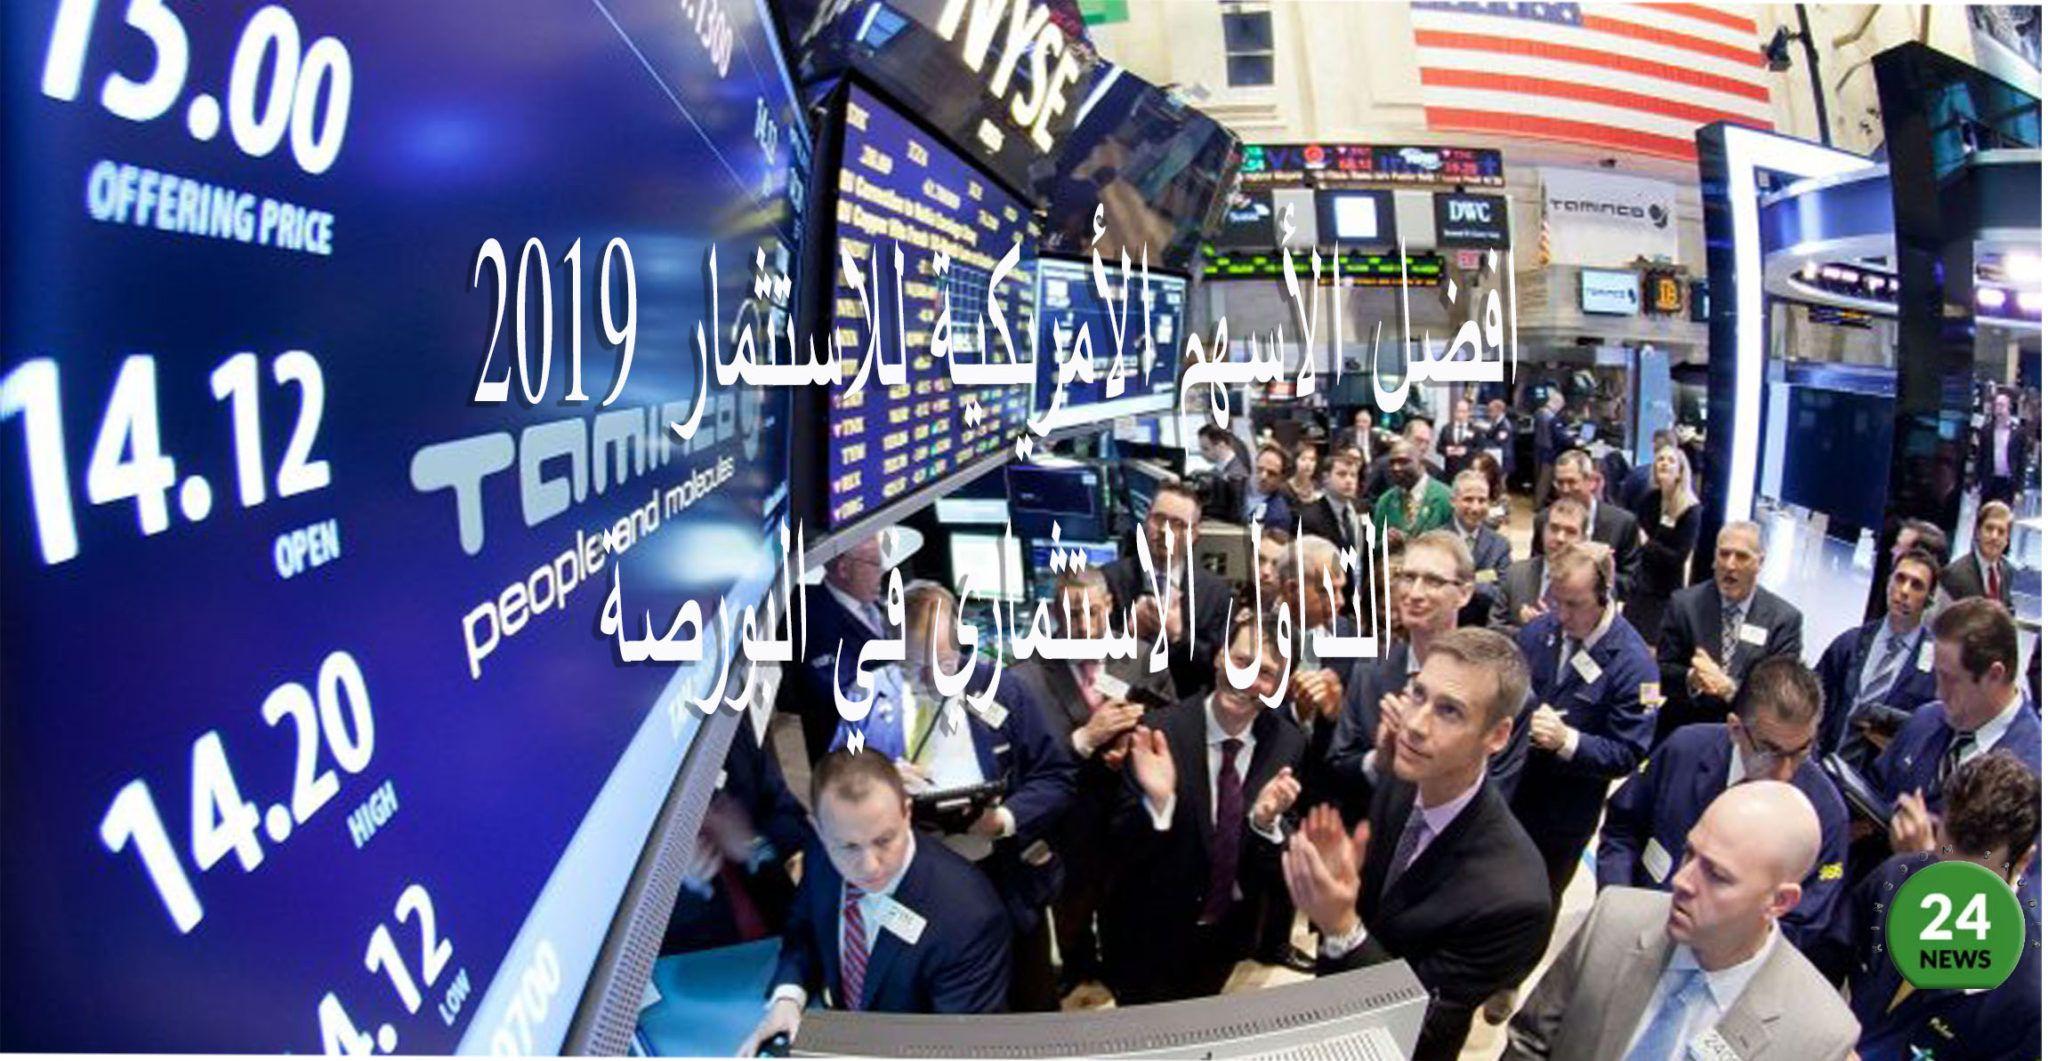 افضل الاسهم الامريكية للاستثمار 2019 التداول الاستثماري في البورصة Landmarks Travel Times Square